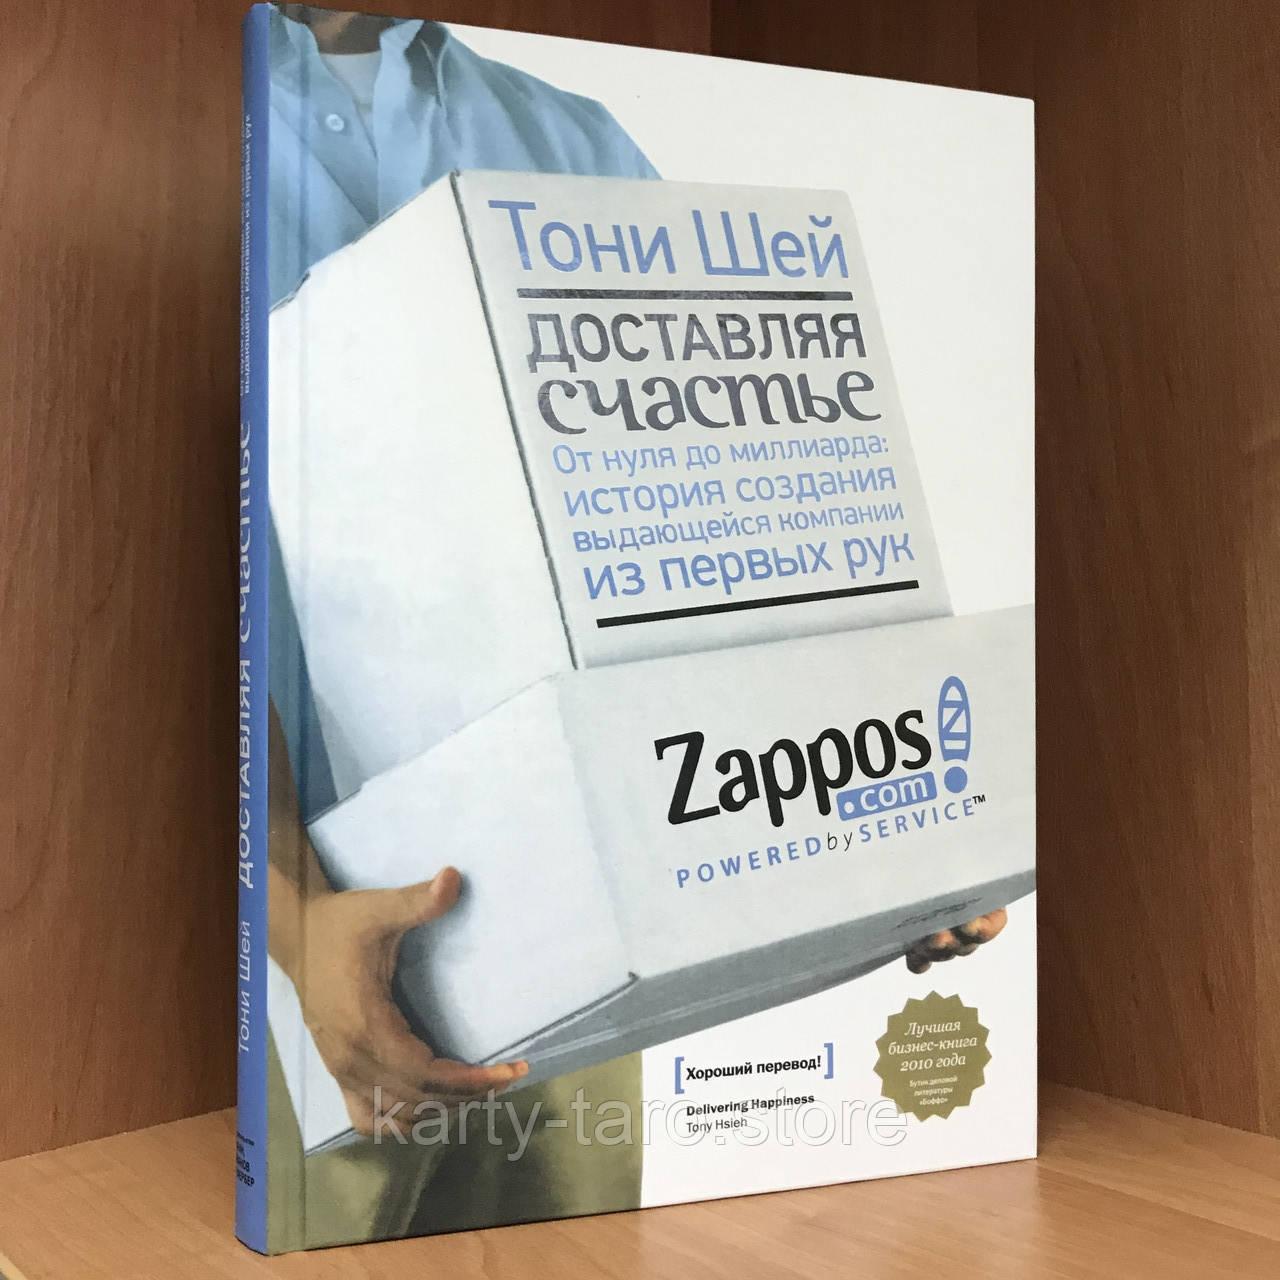 Книга Доставляючи щастя. Від нуля до мільярда. Історія створення видатної компанії з перших рук - Тоні Шей